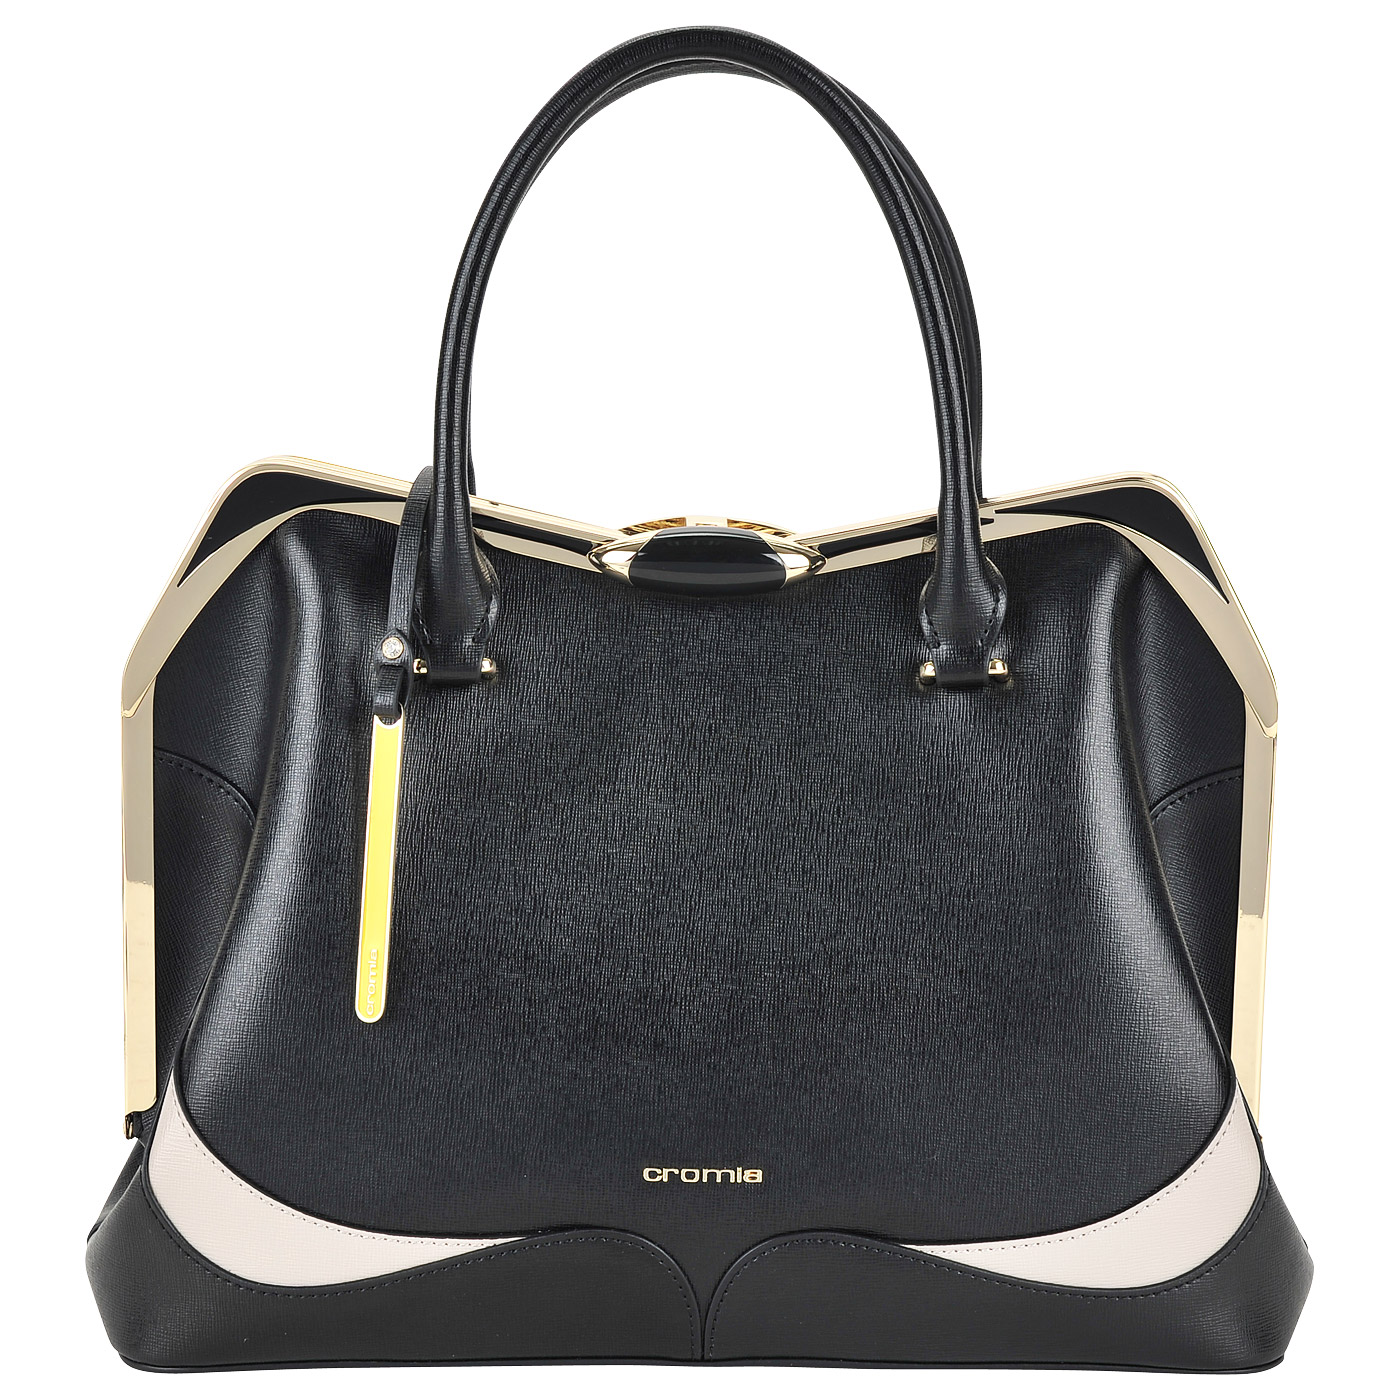 e76ac4cb1771 Вместительная кожаная сумка с рамочным замком Cromia Wave ...